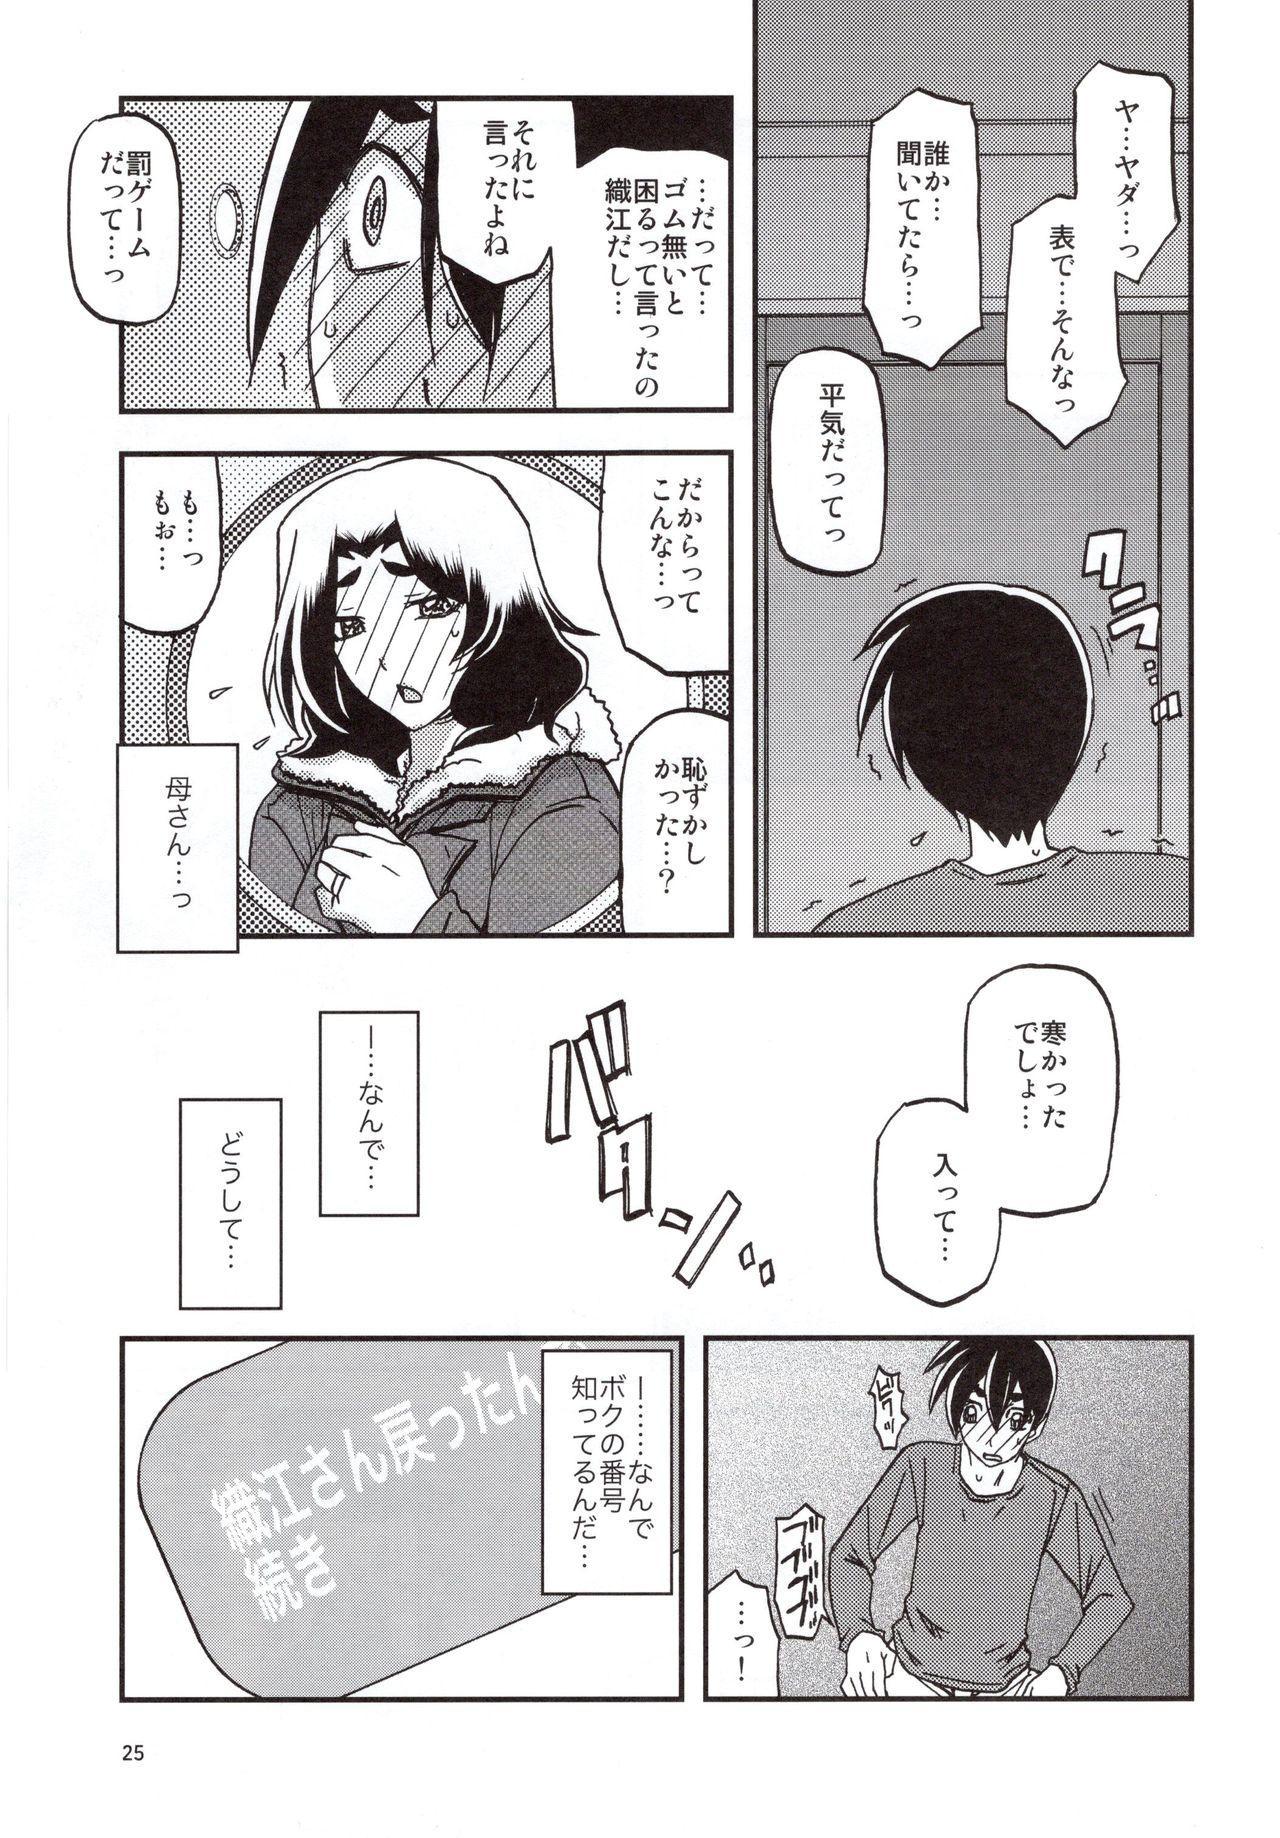 Yama Hime no Mi Orie 23